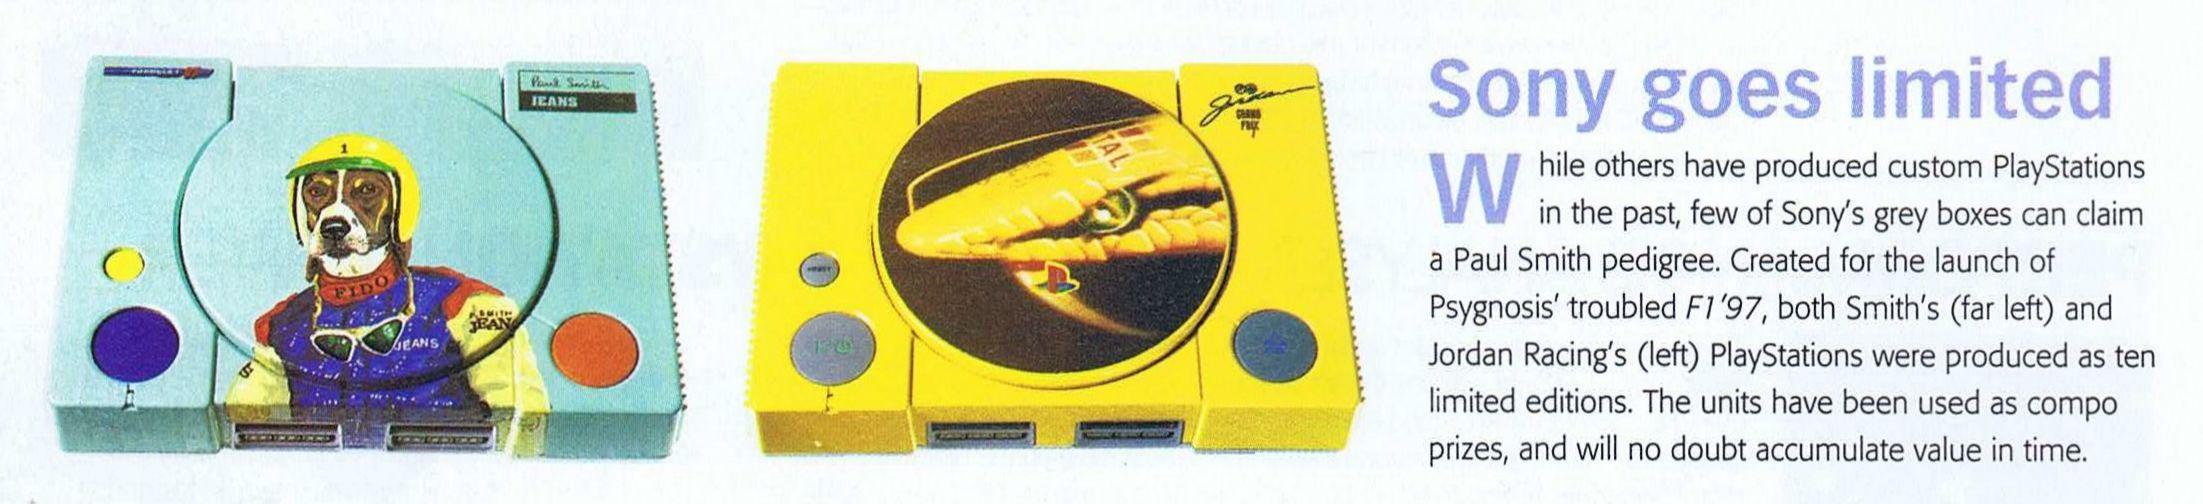 playstation f197 limited edition 18 - Limitowana edycja PlayStation Jordan Grand Prix. Niezwykła historia premiery gry Formula 1 97.